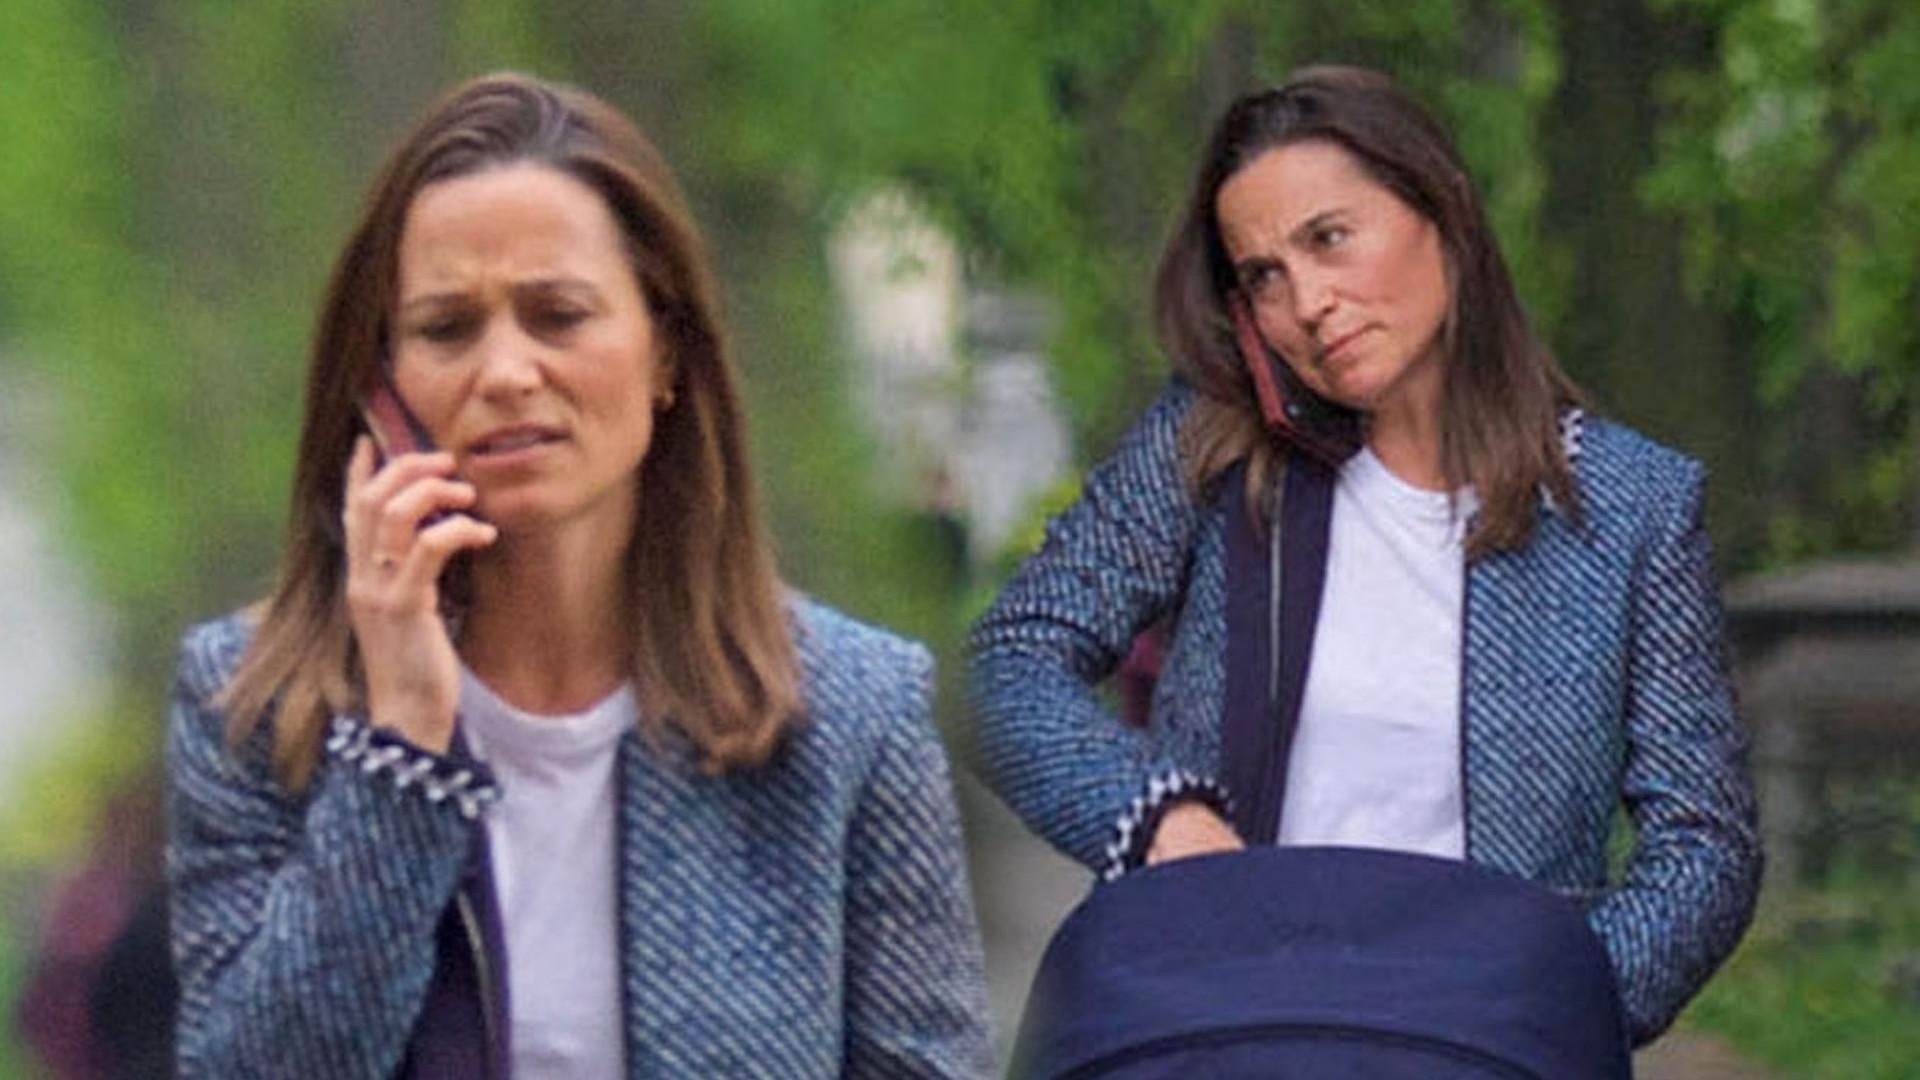 Zmęczona Pippa Middleton spaceruje z wózkiem – ostatnia noc chyba była nieprzespana (ZDJĘCIA)